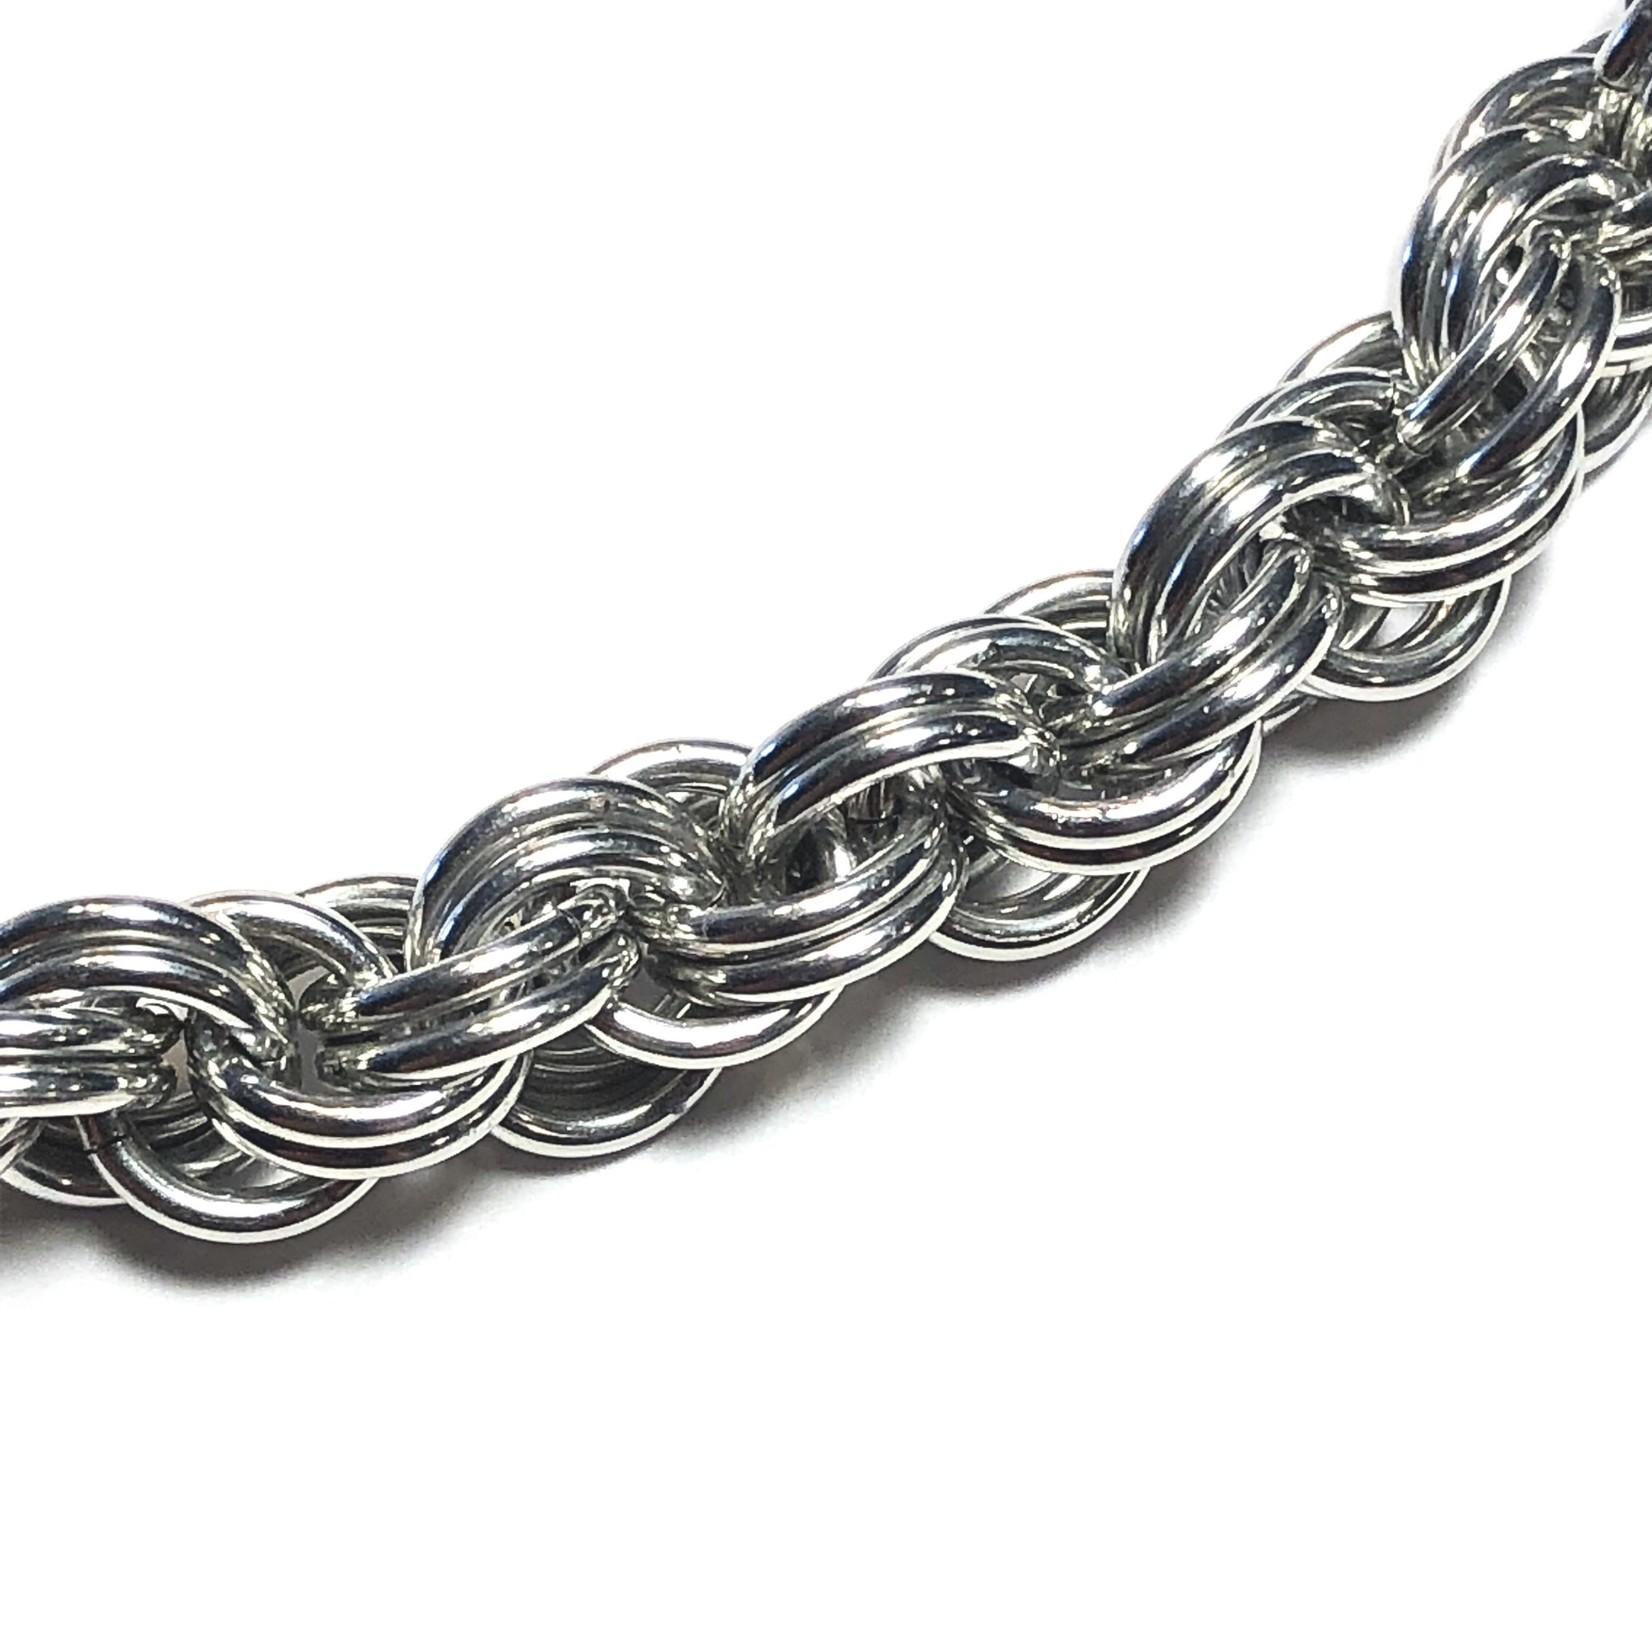 Hyperlinks Chain Maille Double Spiral Bracelet Kit